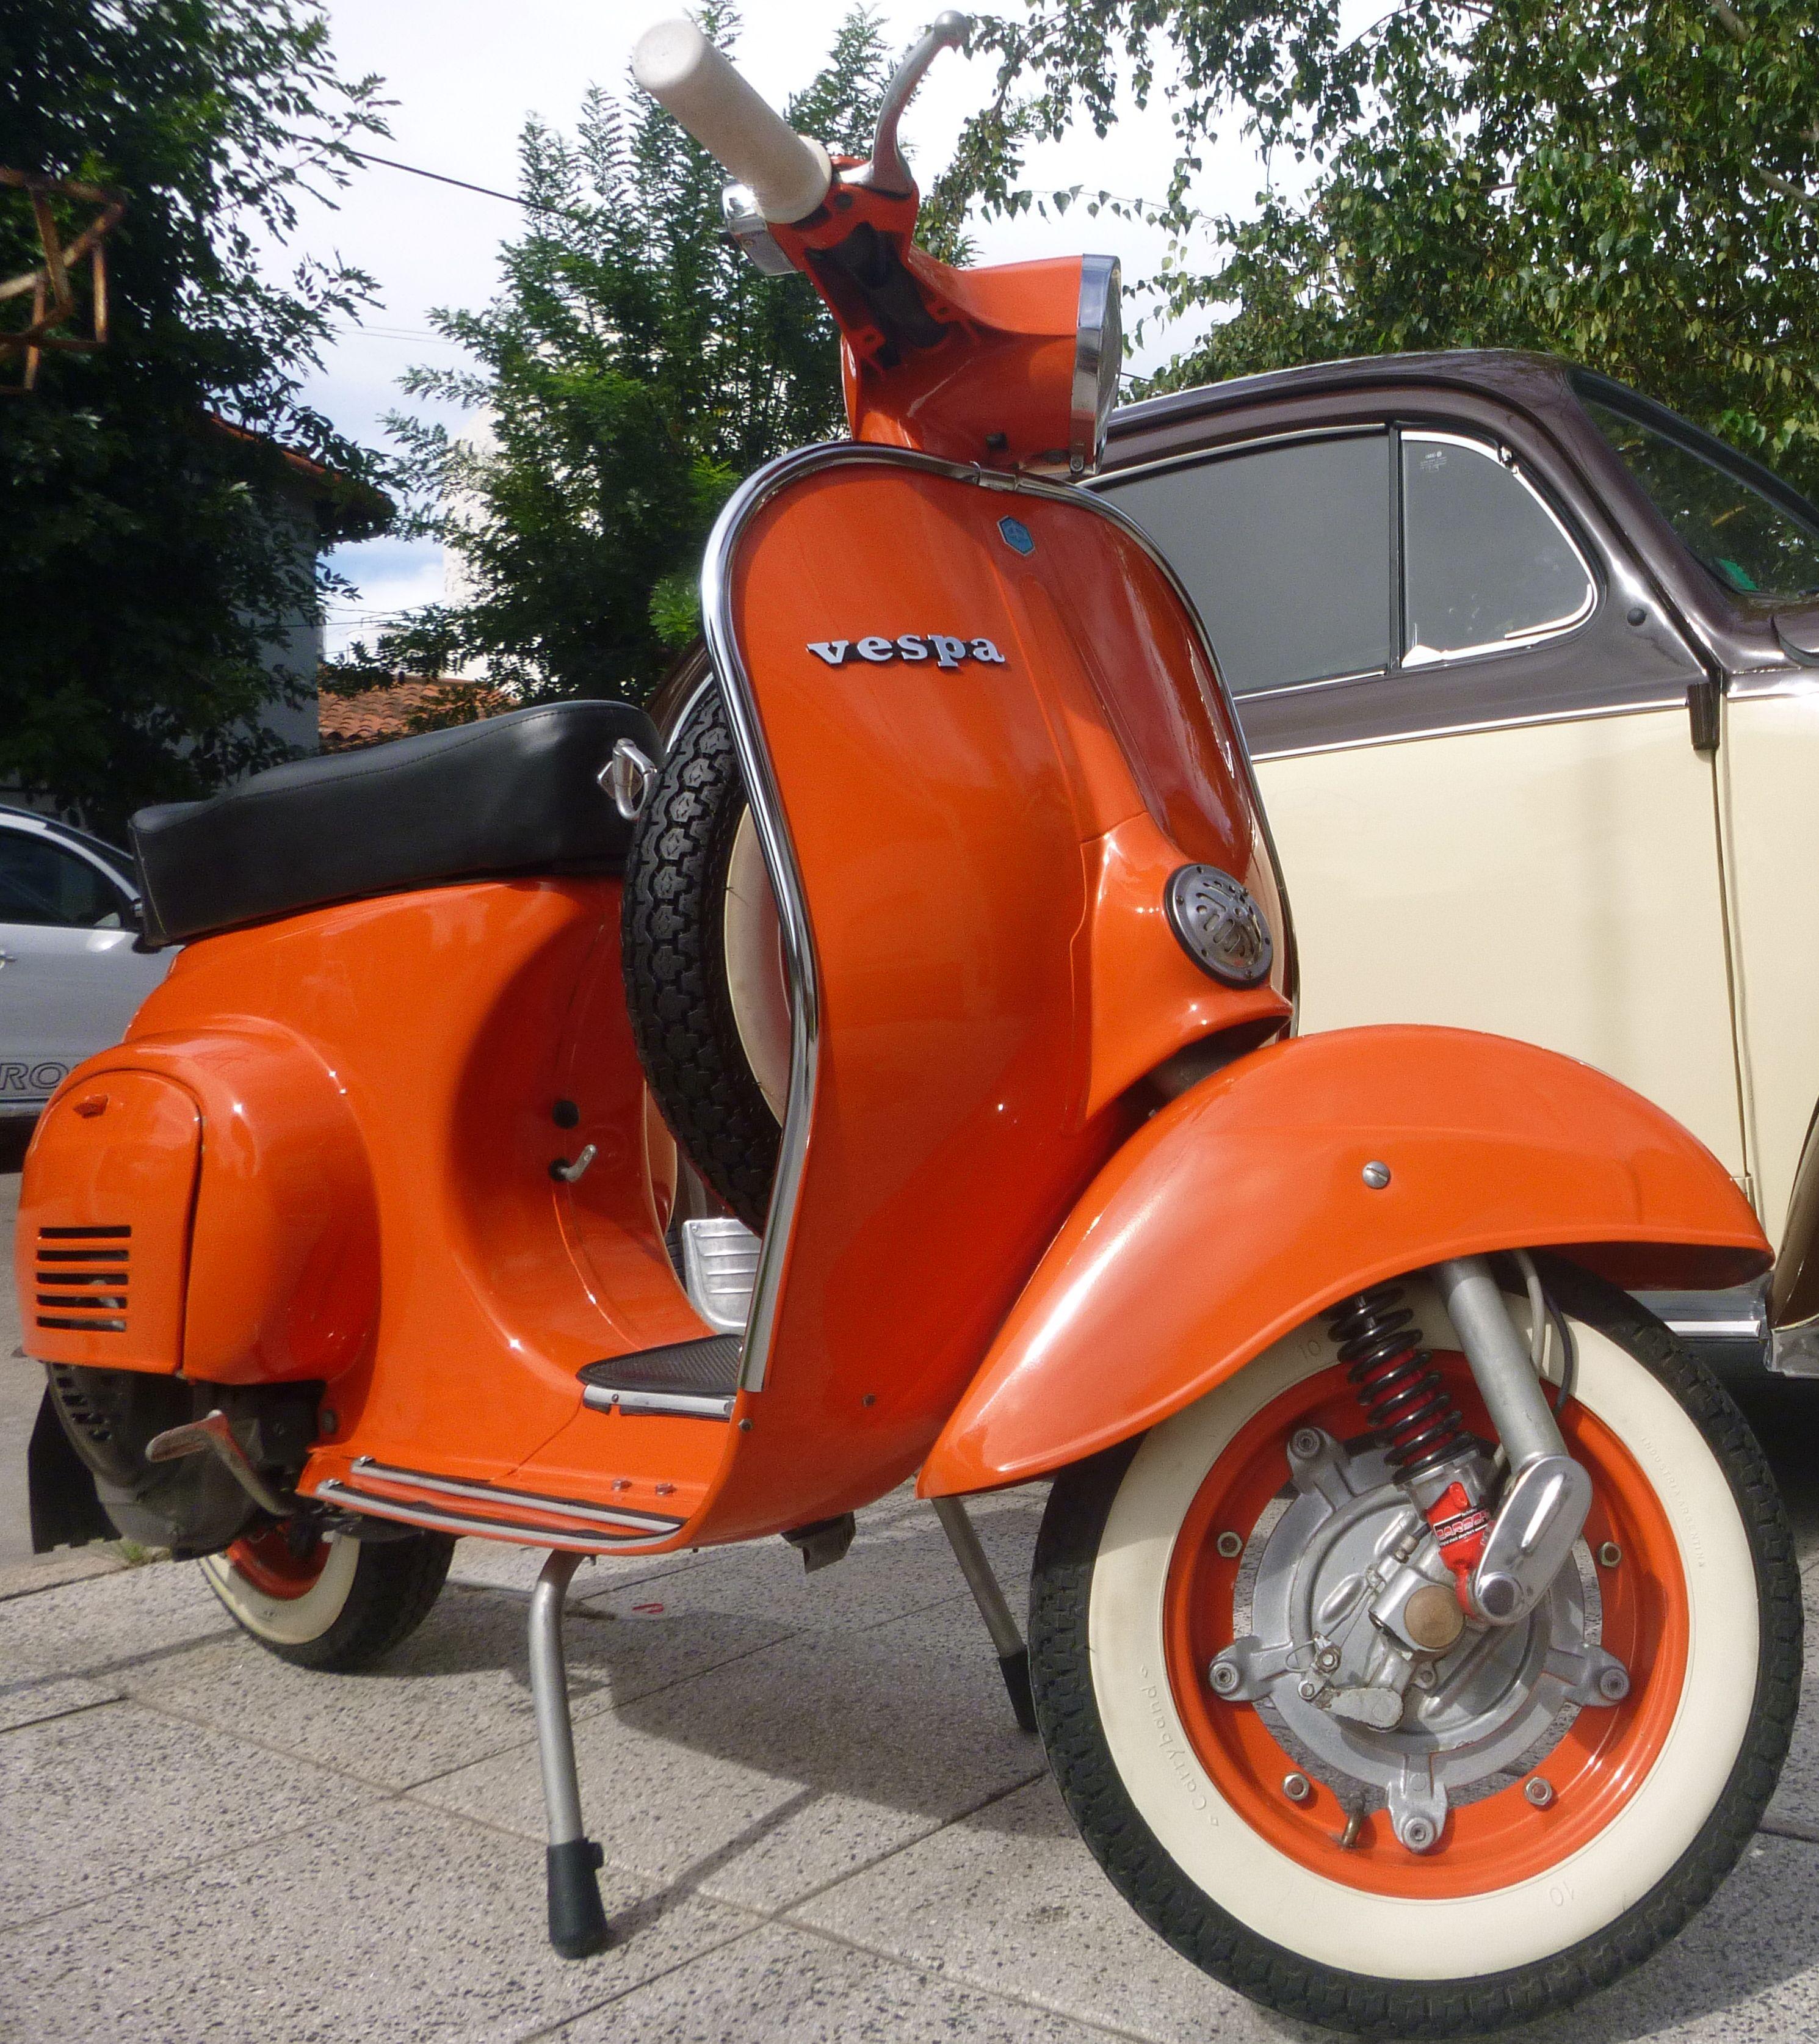 Autos Antiguos Autos Clasicos Autos Coleccion Autos Epoca Autos Antiguos Autos Clasicos Vespa Vintage